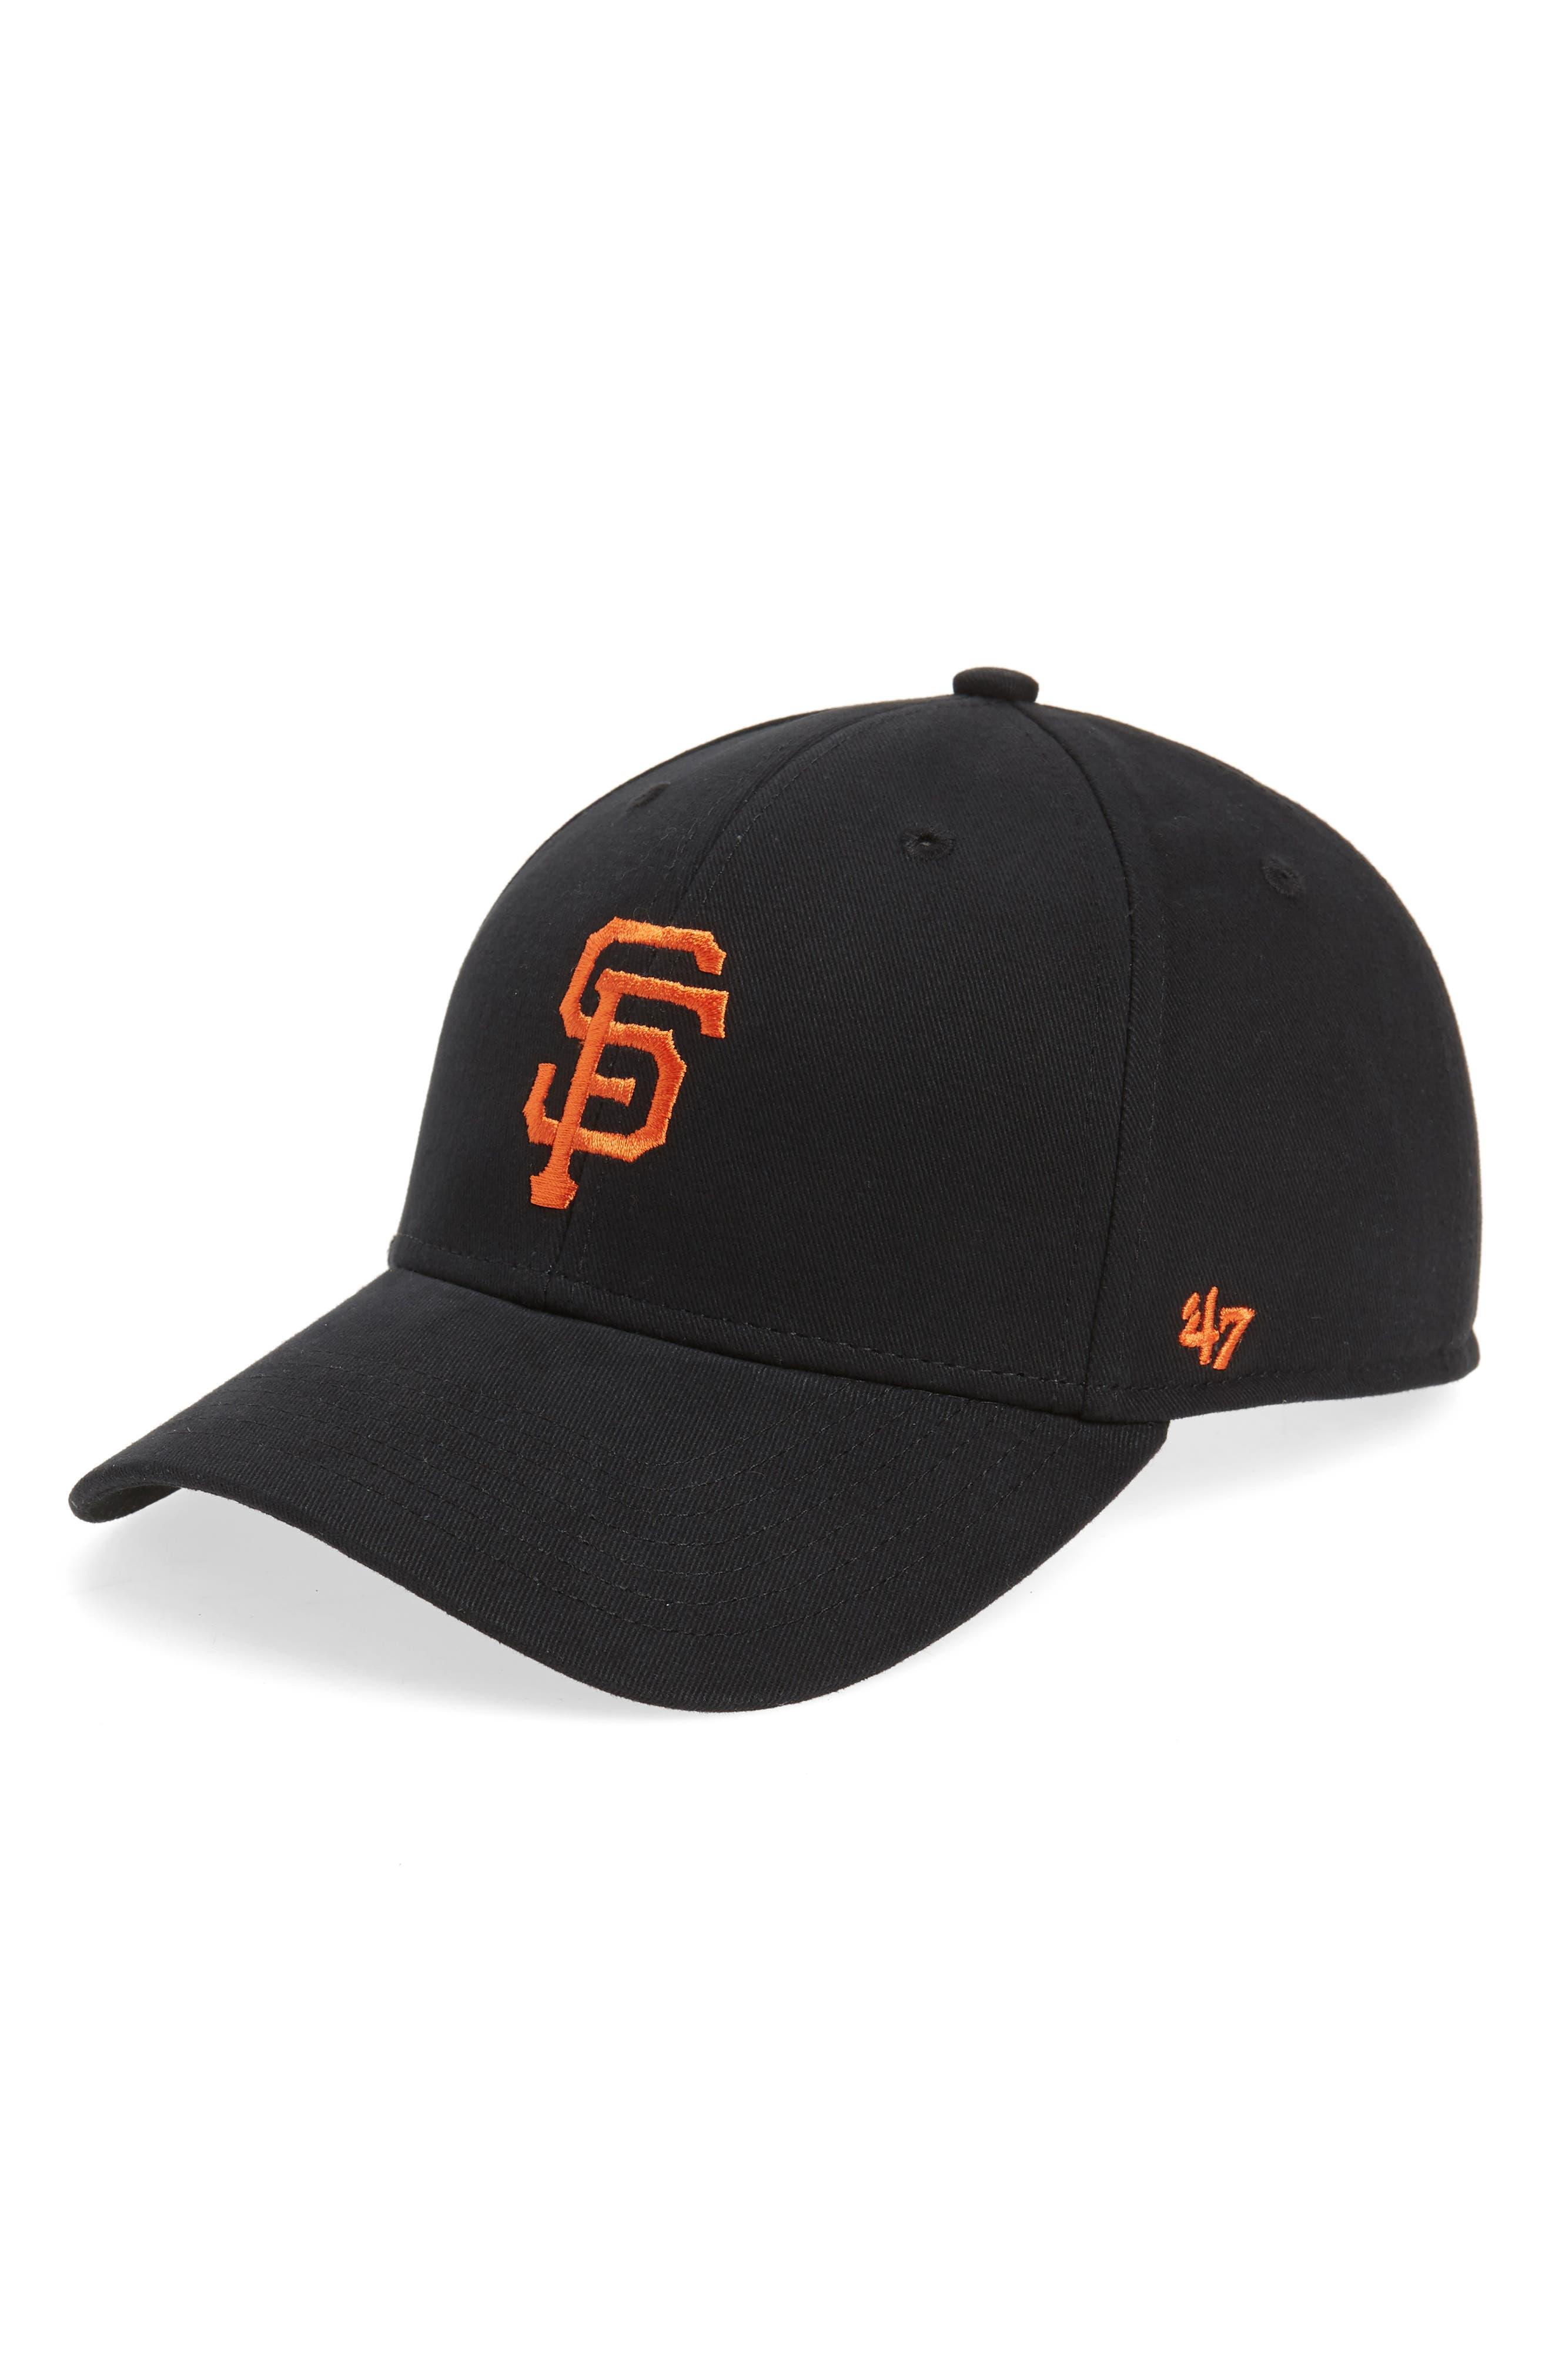 '47 San Francisco Giants Baseball Cap, Main, color, BLACK